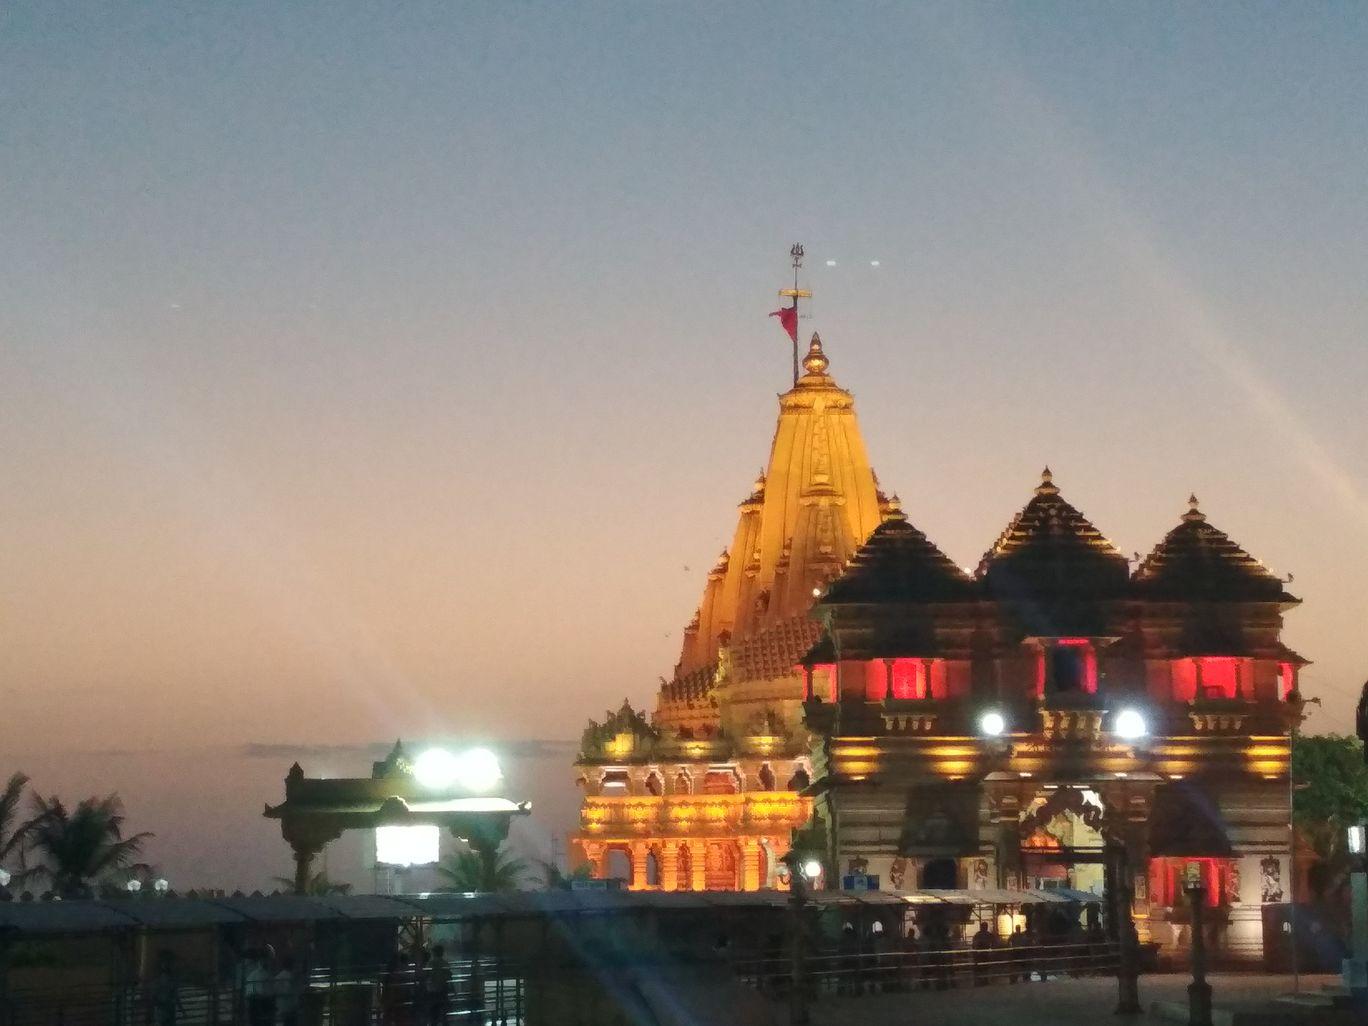 Photo of Somanth Jyotirling Temple By Mahima Tiwari